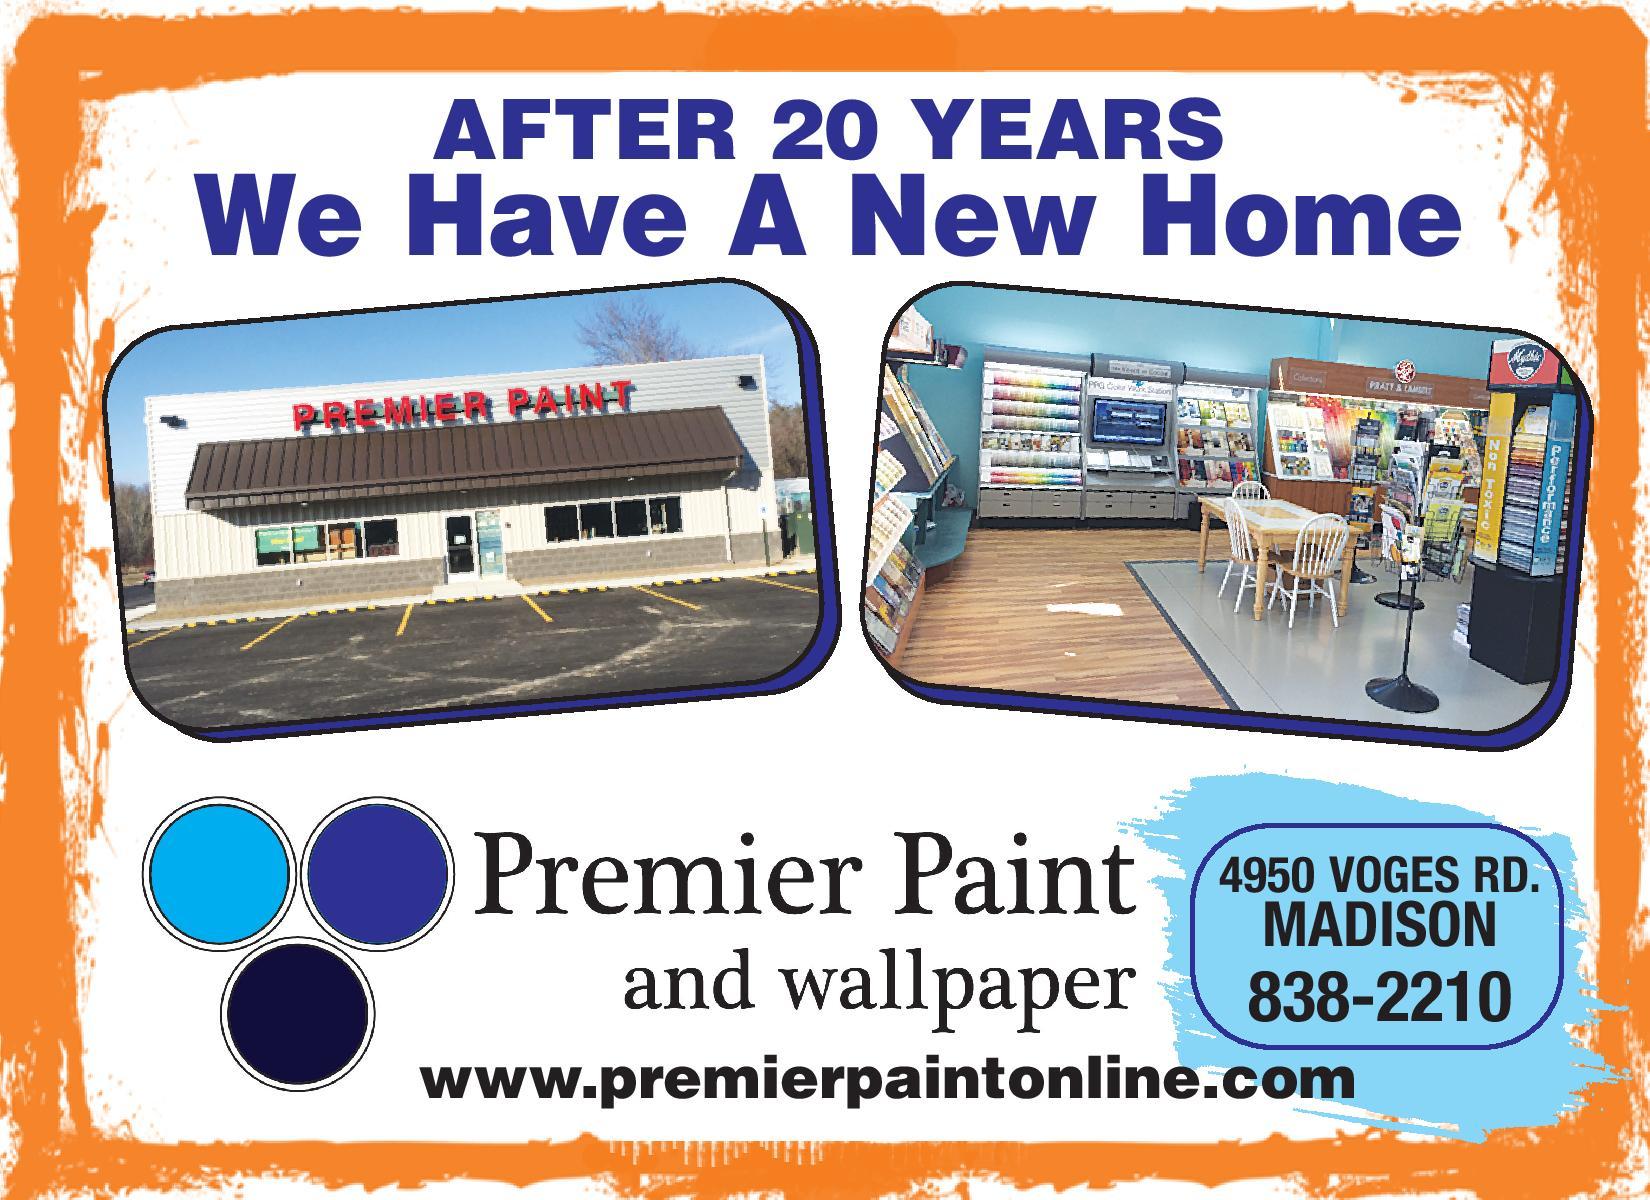 00219051-premier-paint-2-12-3-page-001.jpg